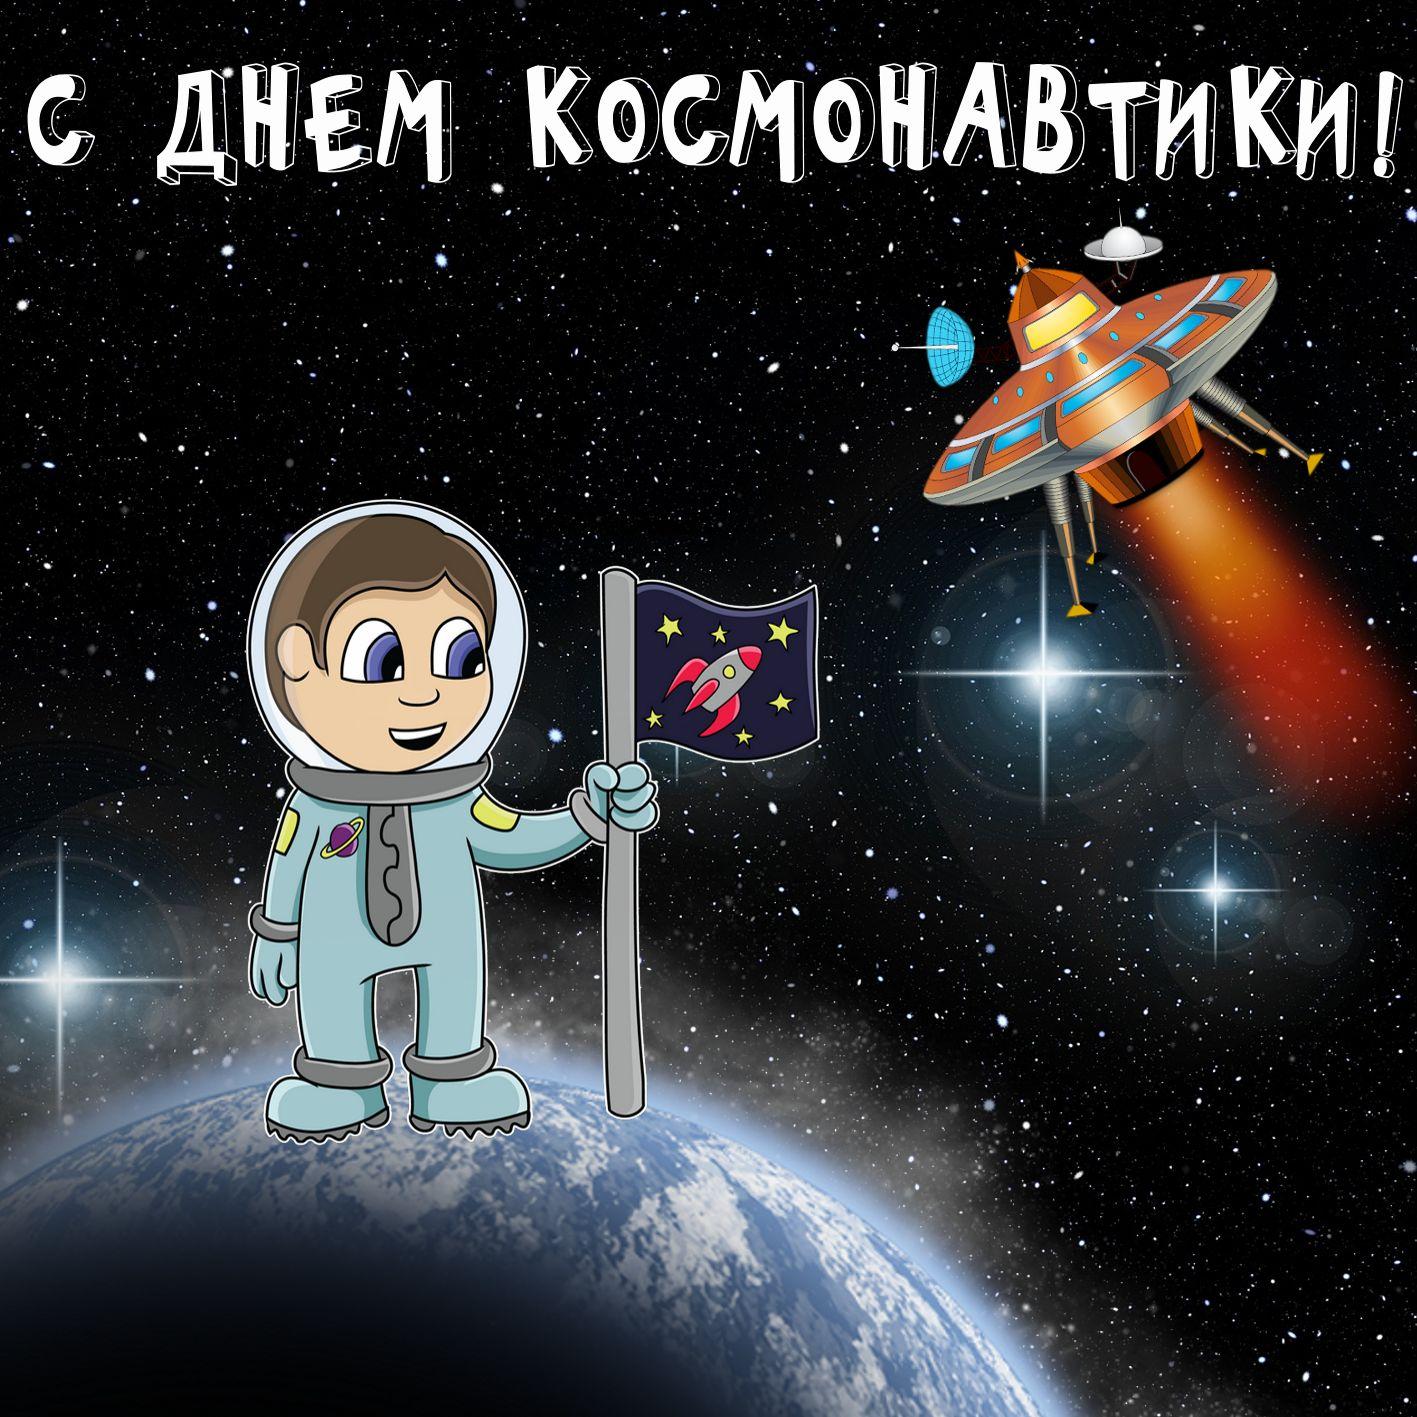 Открытки о космонавтике